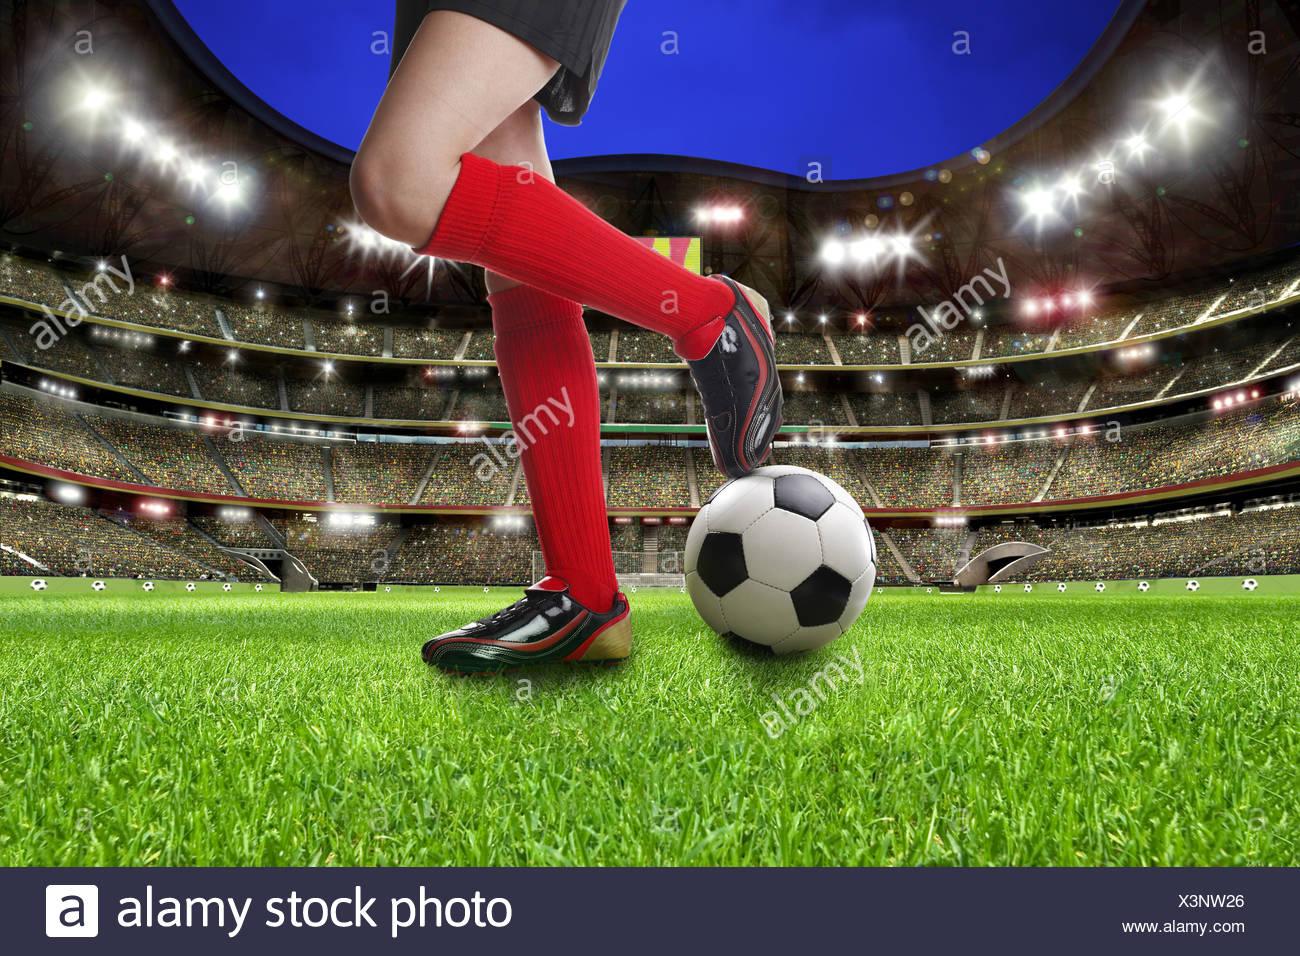 Beine der weiblichen Fußballer auf einem Fußball im Fußballstadion, Abbildung Stockfoto